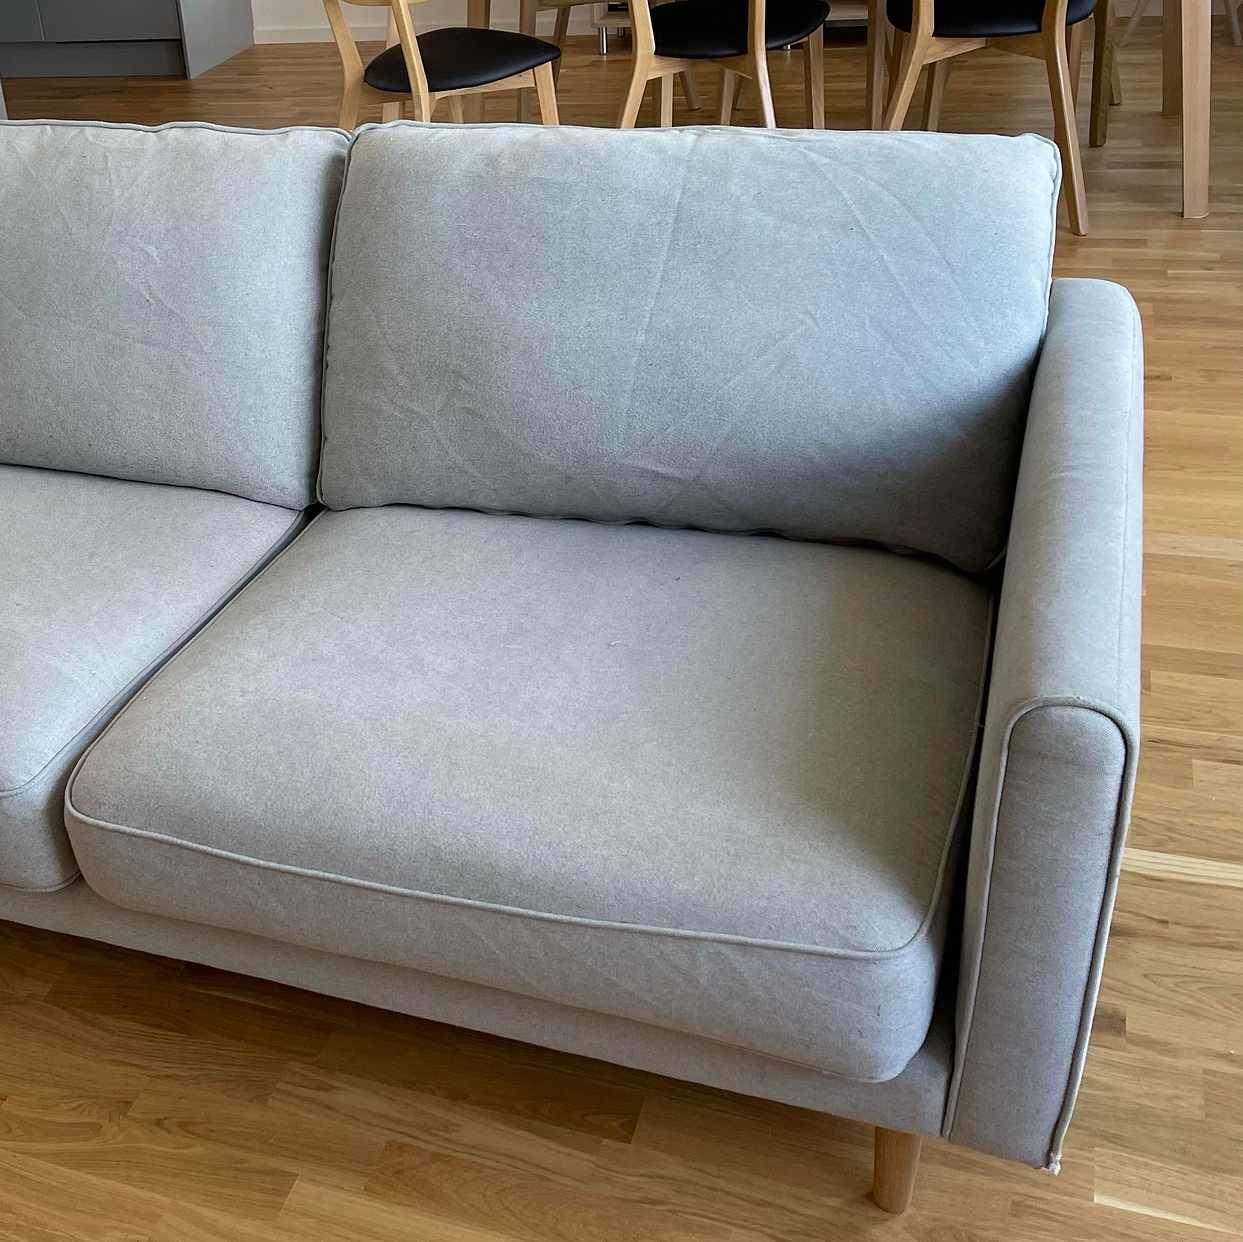 image of Sofa - Järfälla